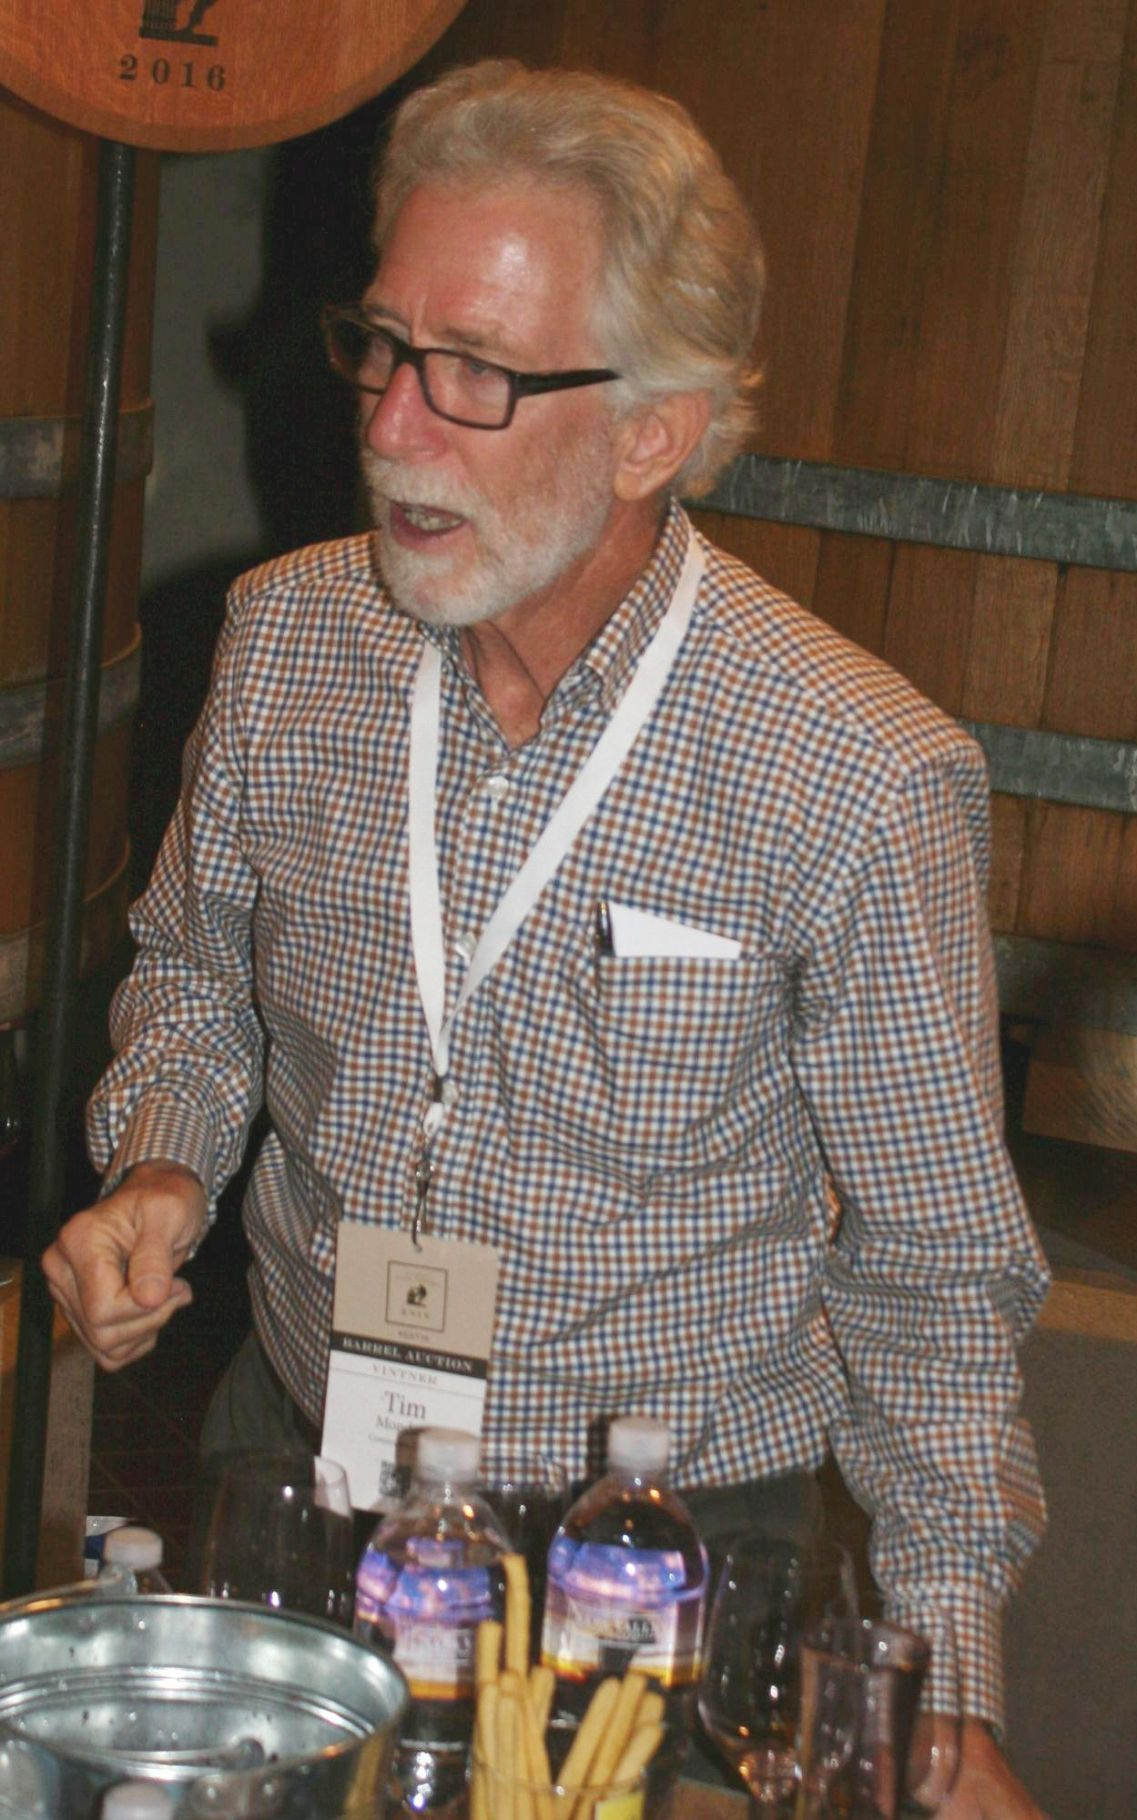 Tim Mondavi